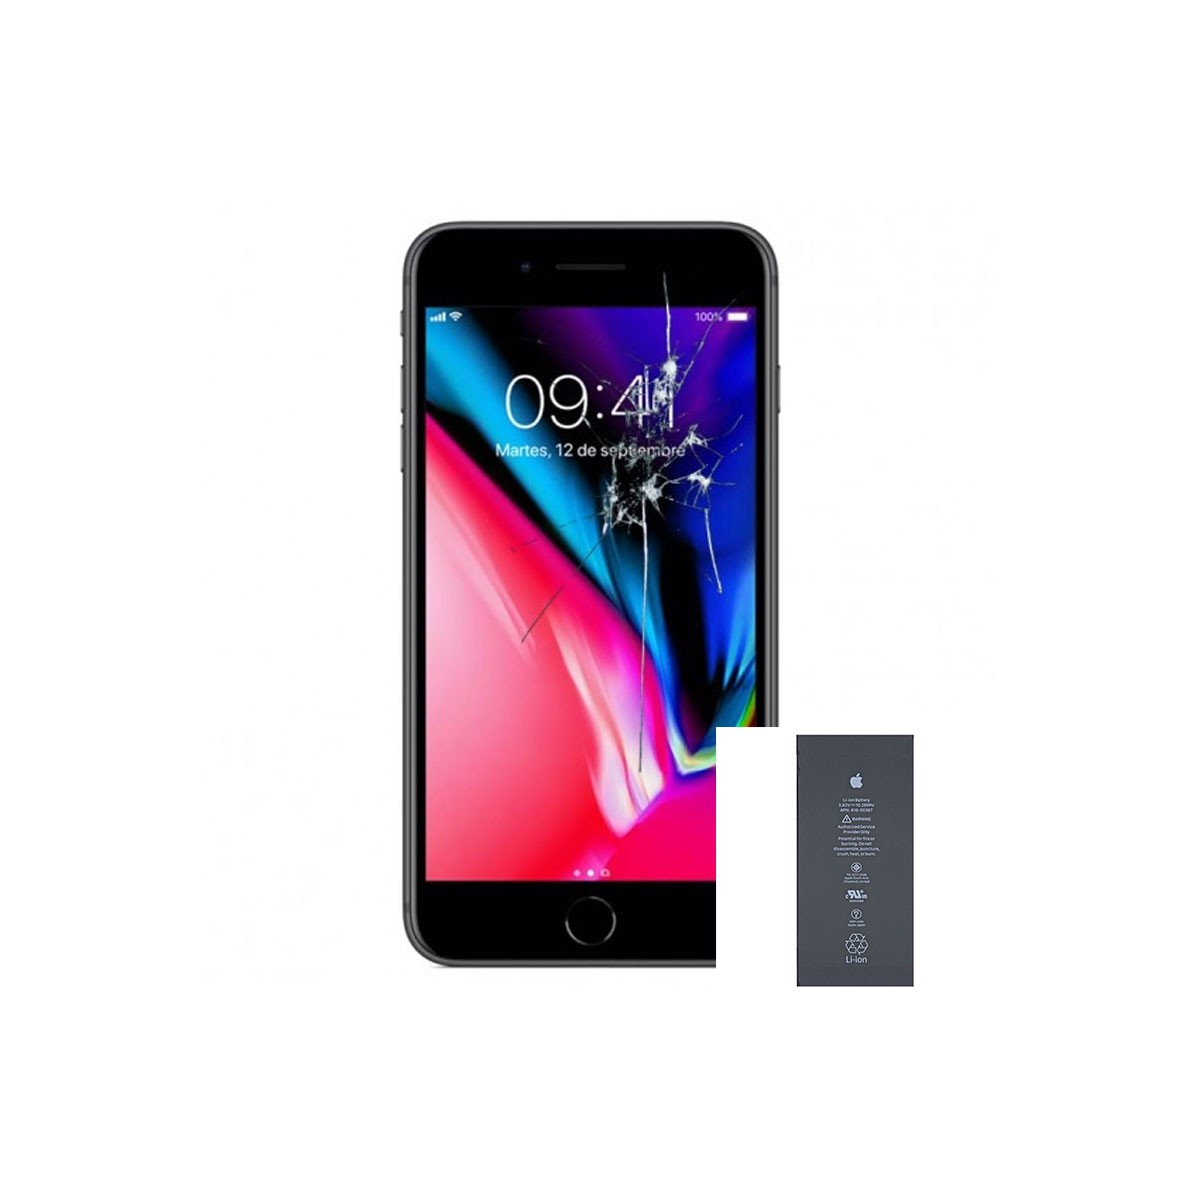 Reparacion/ cambio de Pantalla completa +bateria para iPhone 8 (A1863, A1905)